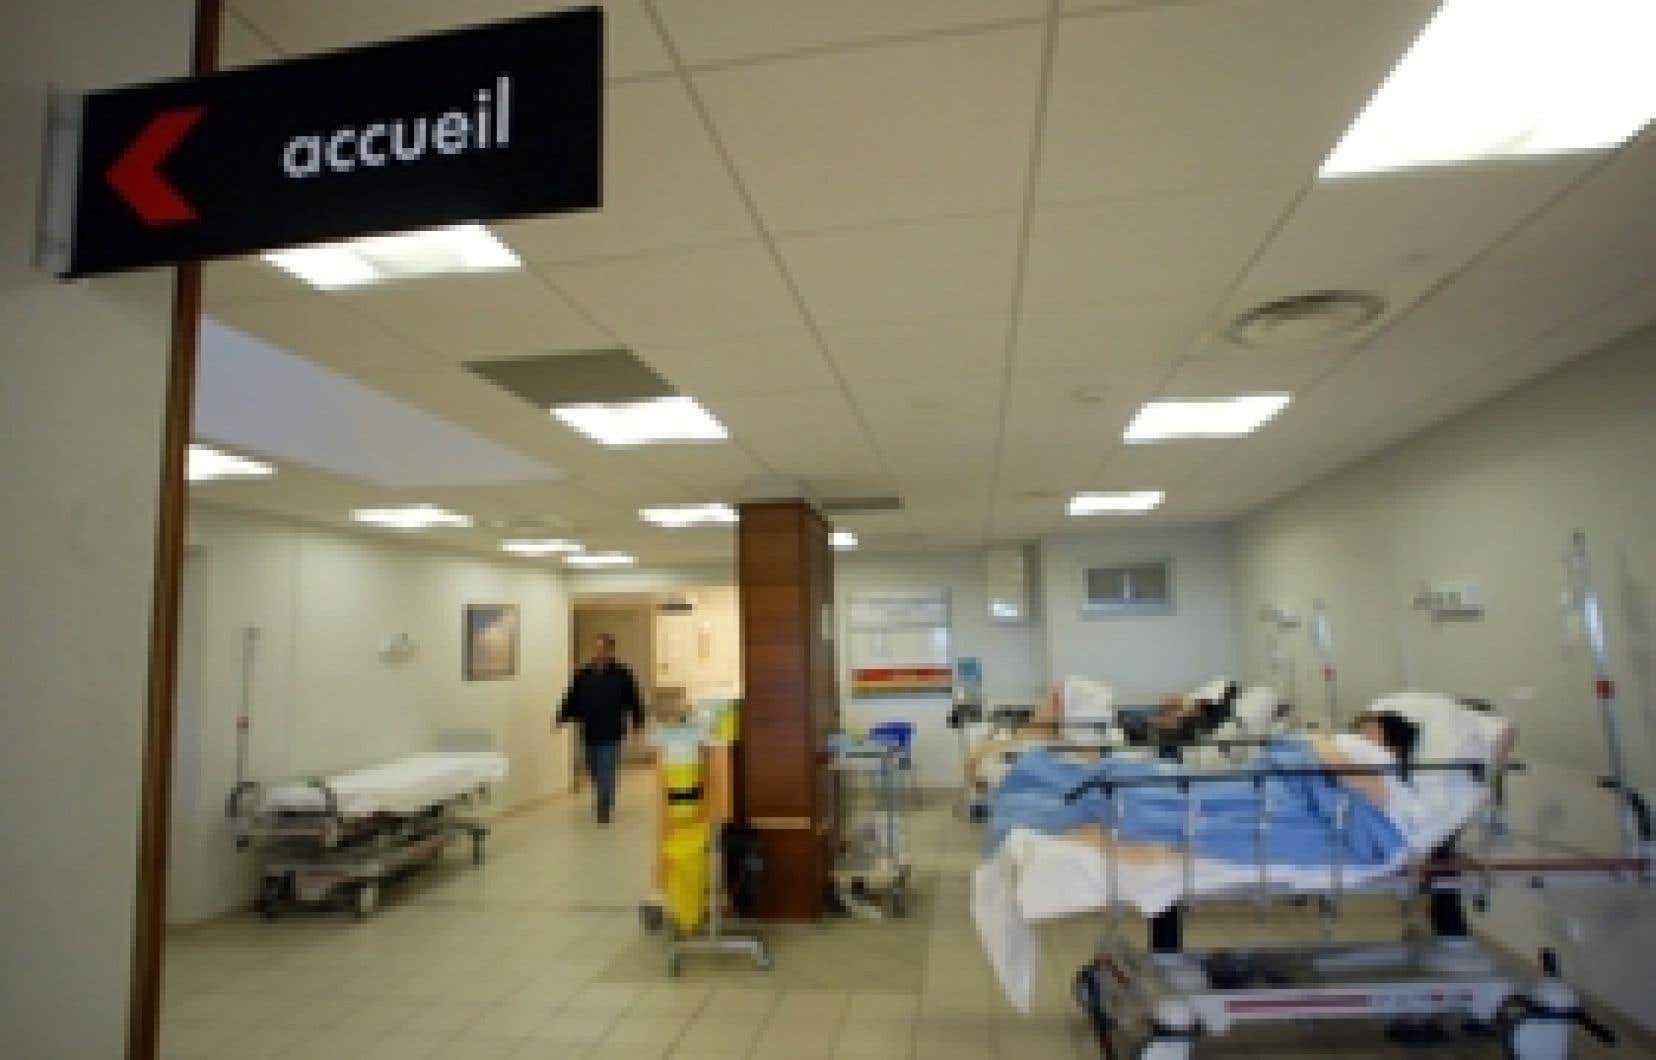 La présence de cas d'une maladie associée à C. difficile dans un hôpital ne signifie pas que cet hôpital n'est pas sécuritaire.